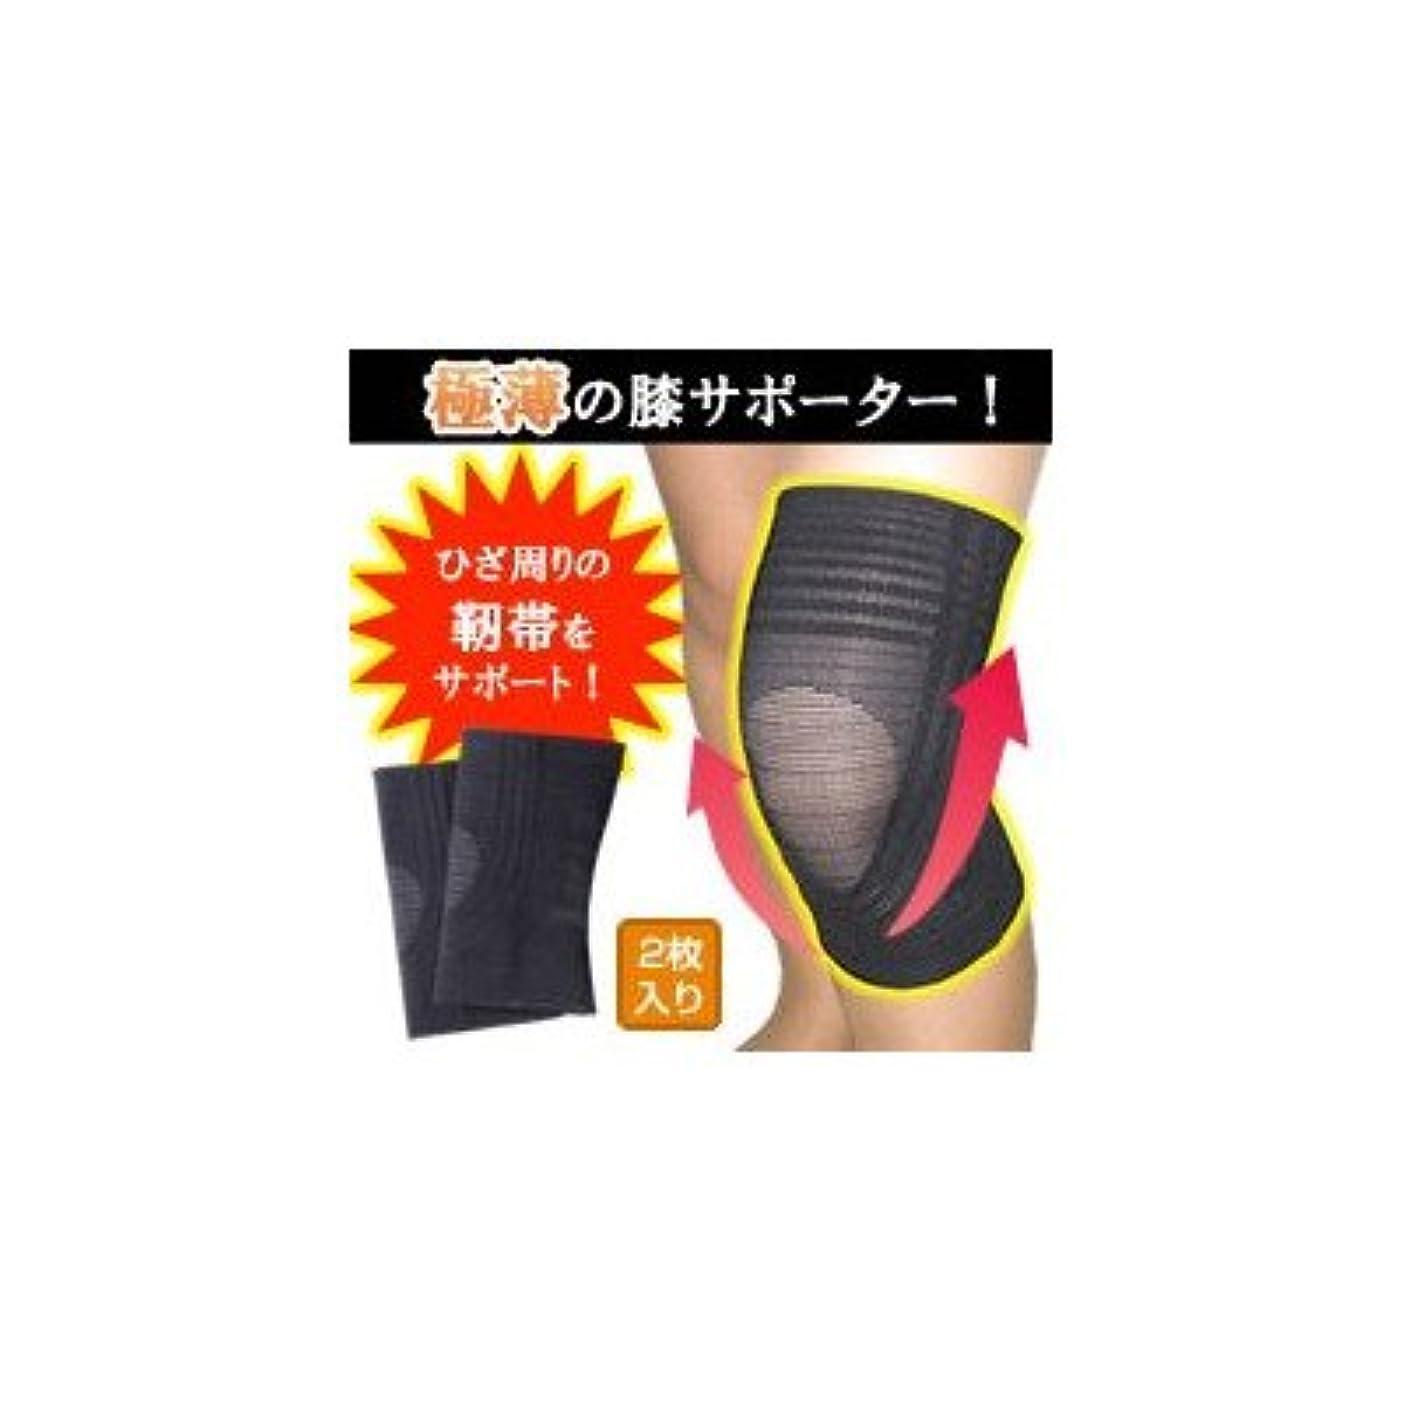 溝費やす誠実縁の下の膝靭帯サポーター M( 画像はイメージ画像です お届けの商品はMのみとなります)